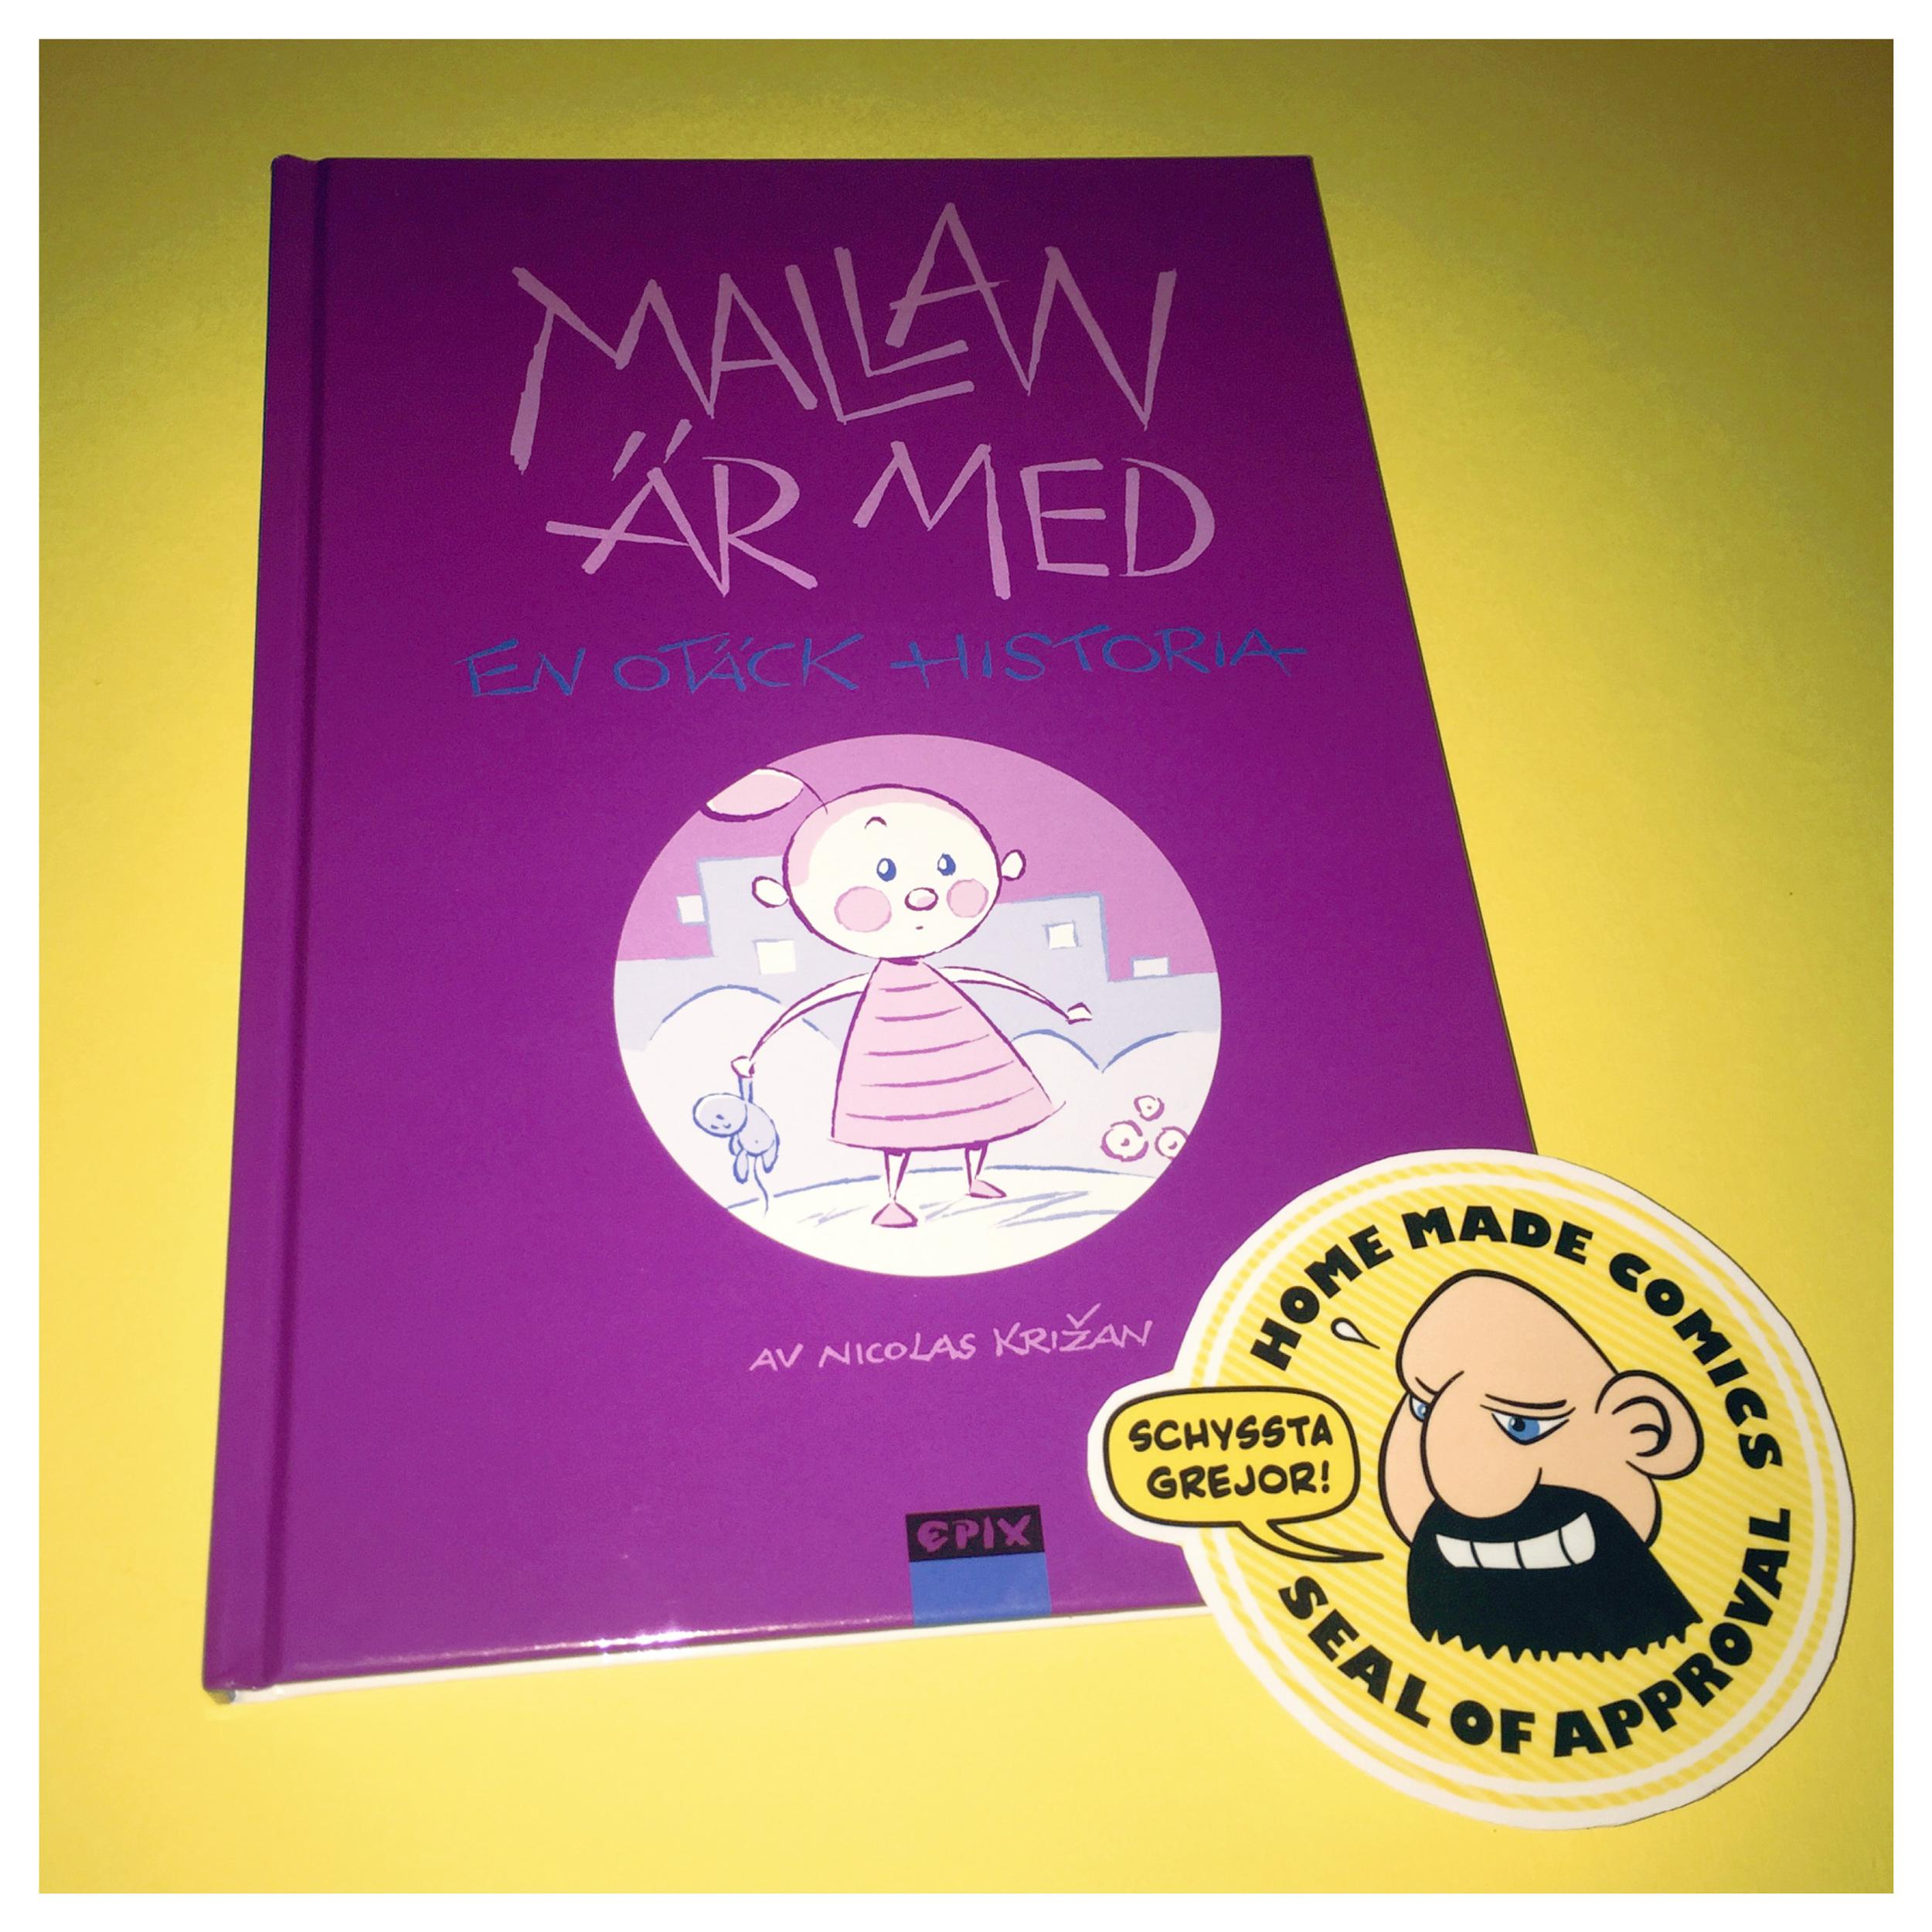 Home Made Comics Seal of Approval #125 Mallan är med av Nicolas Križan utgiven av Epix 2016.